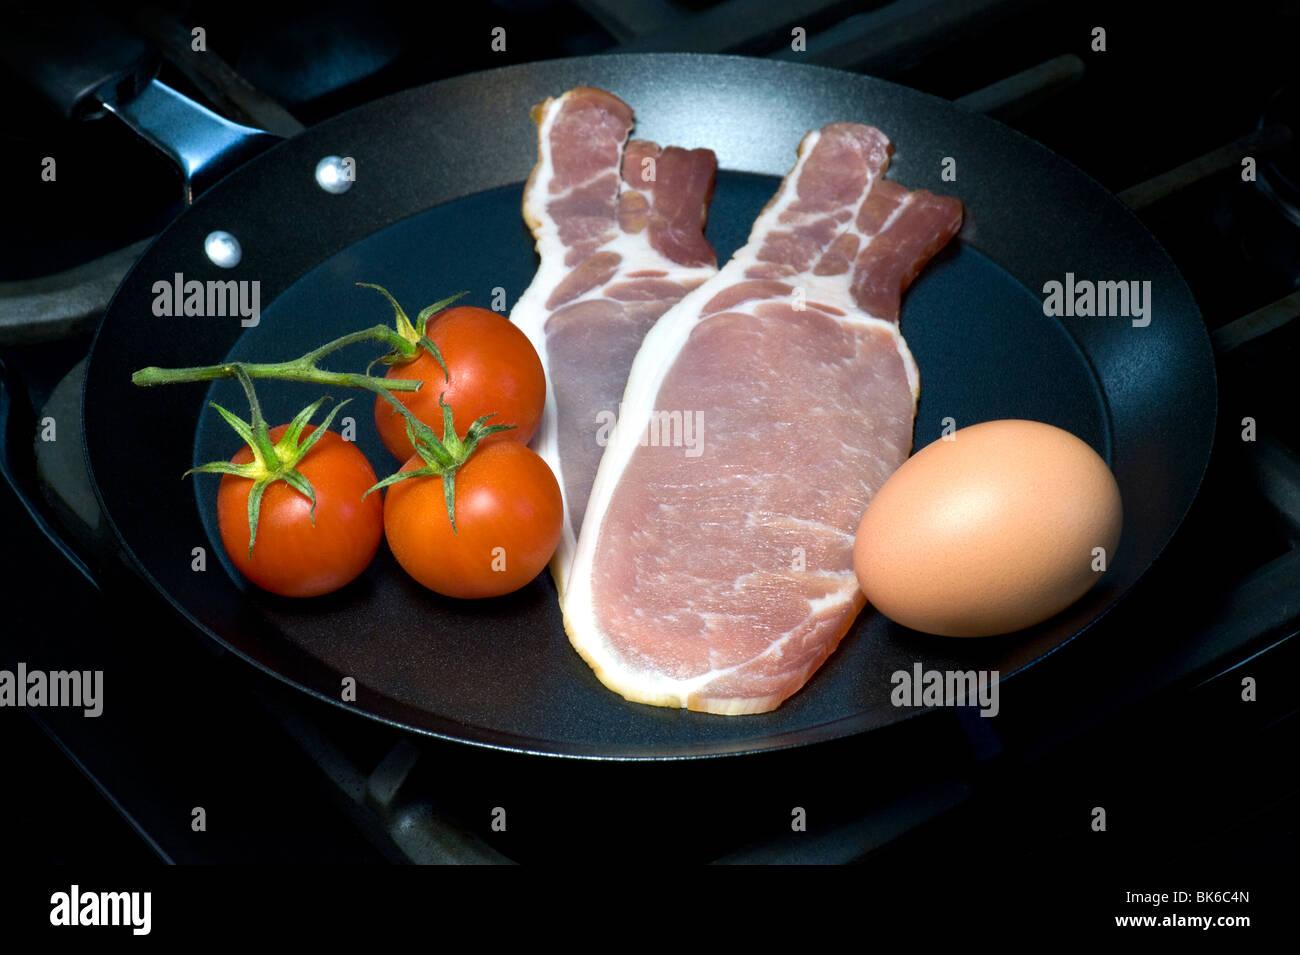 Huevo, tocino y tomate, ingredientes para un desayuno tradicional inglés Imagen De Stock